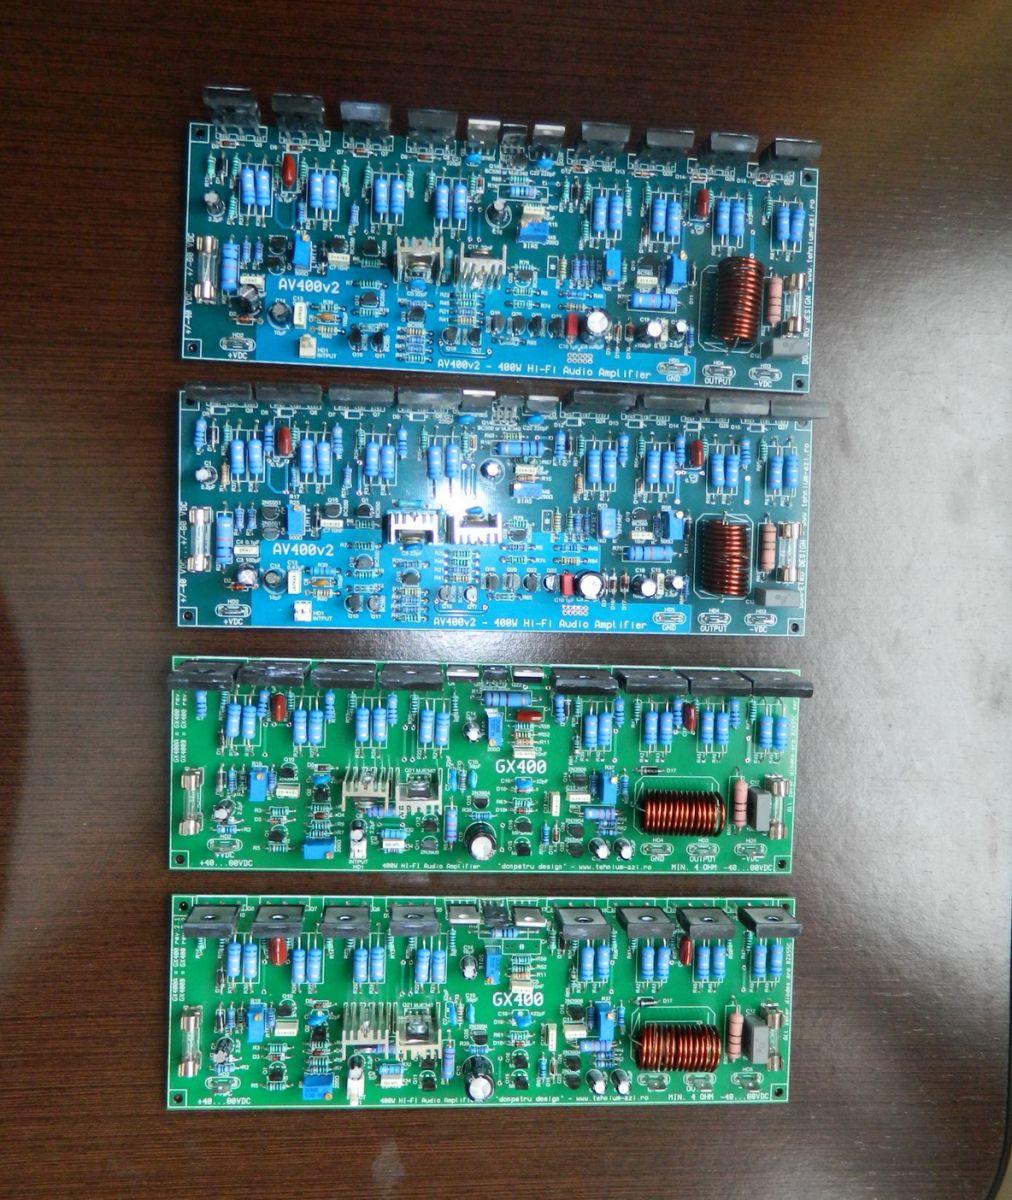 AV400v2 Si GX400